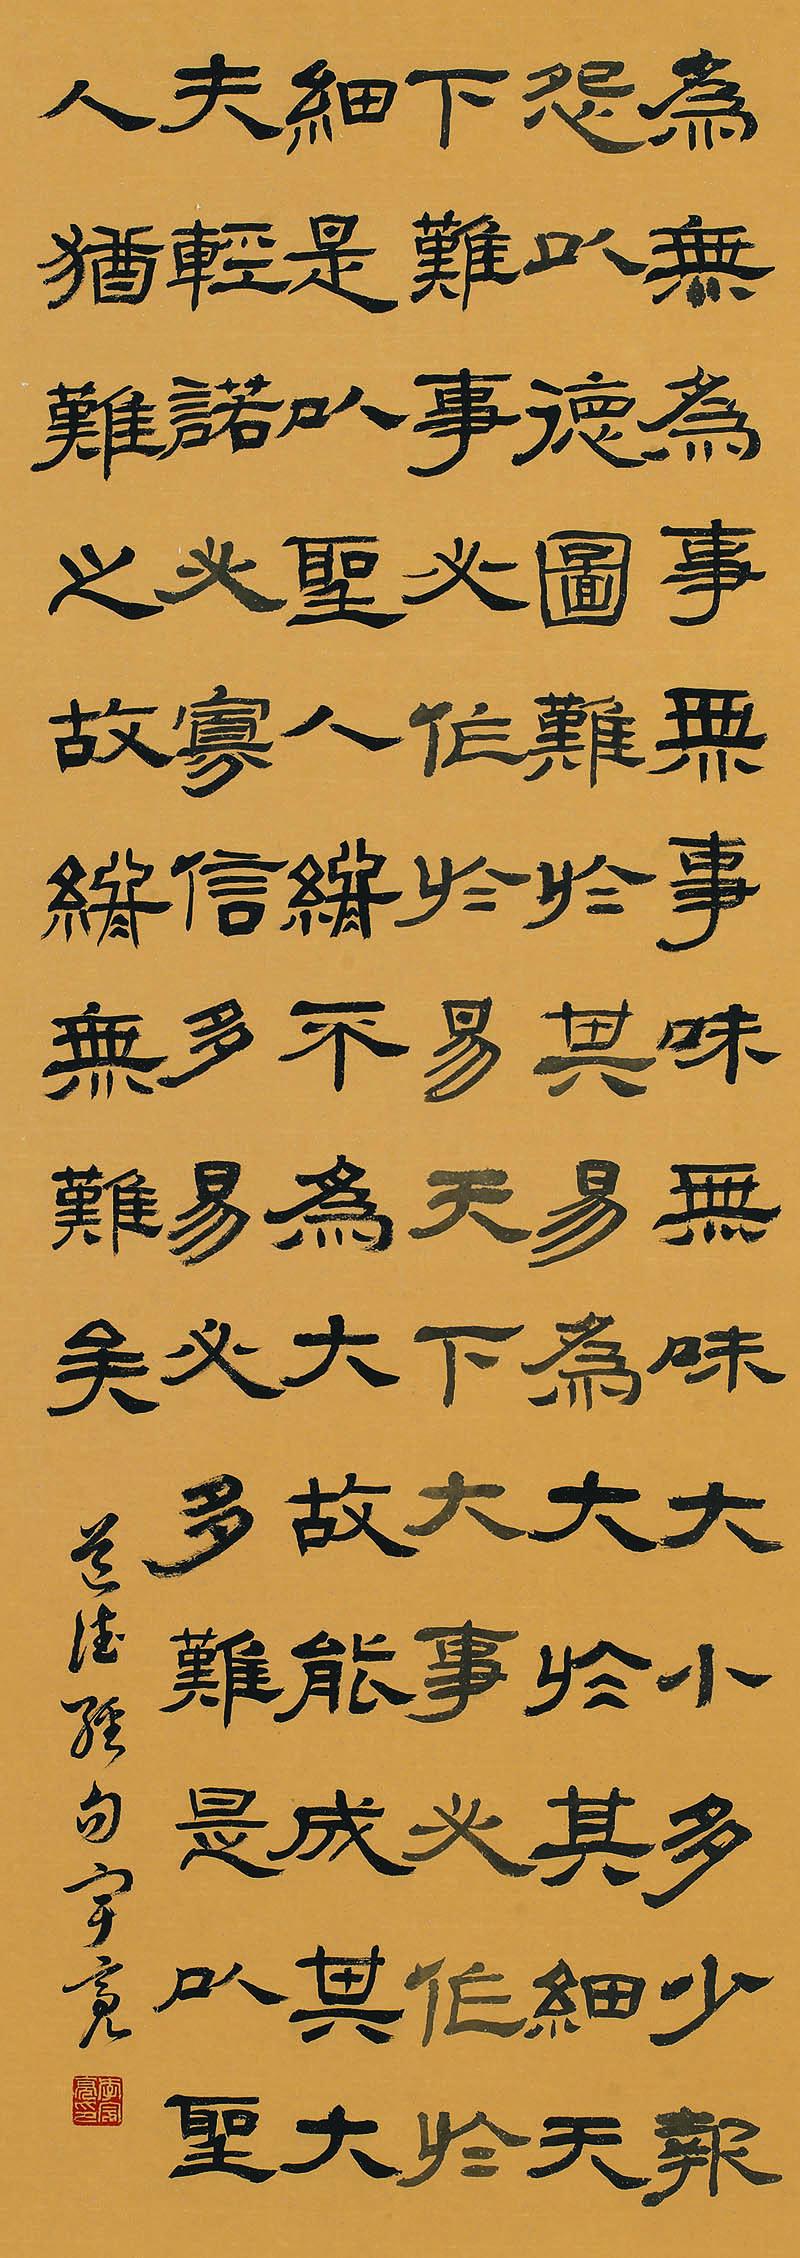 030李宇亮-隶书竖幅-《道德经》句